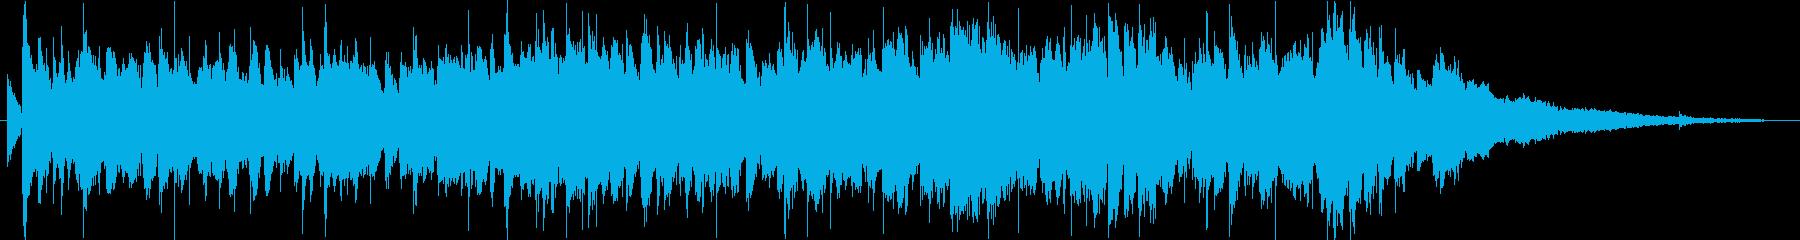 短縮版】爽やか、ノリ、カッコいいアコギの再生済みの波形